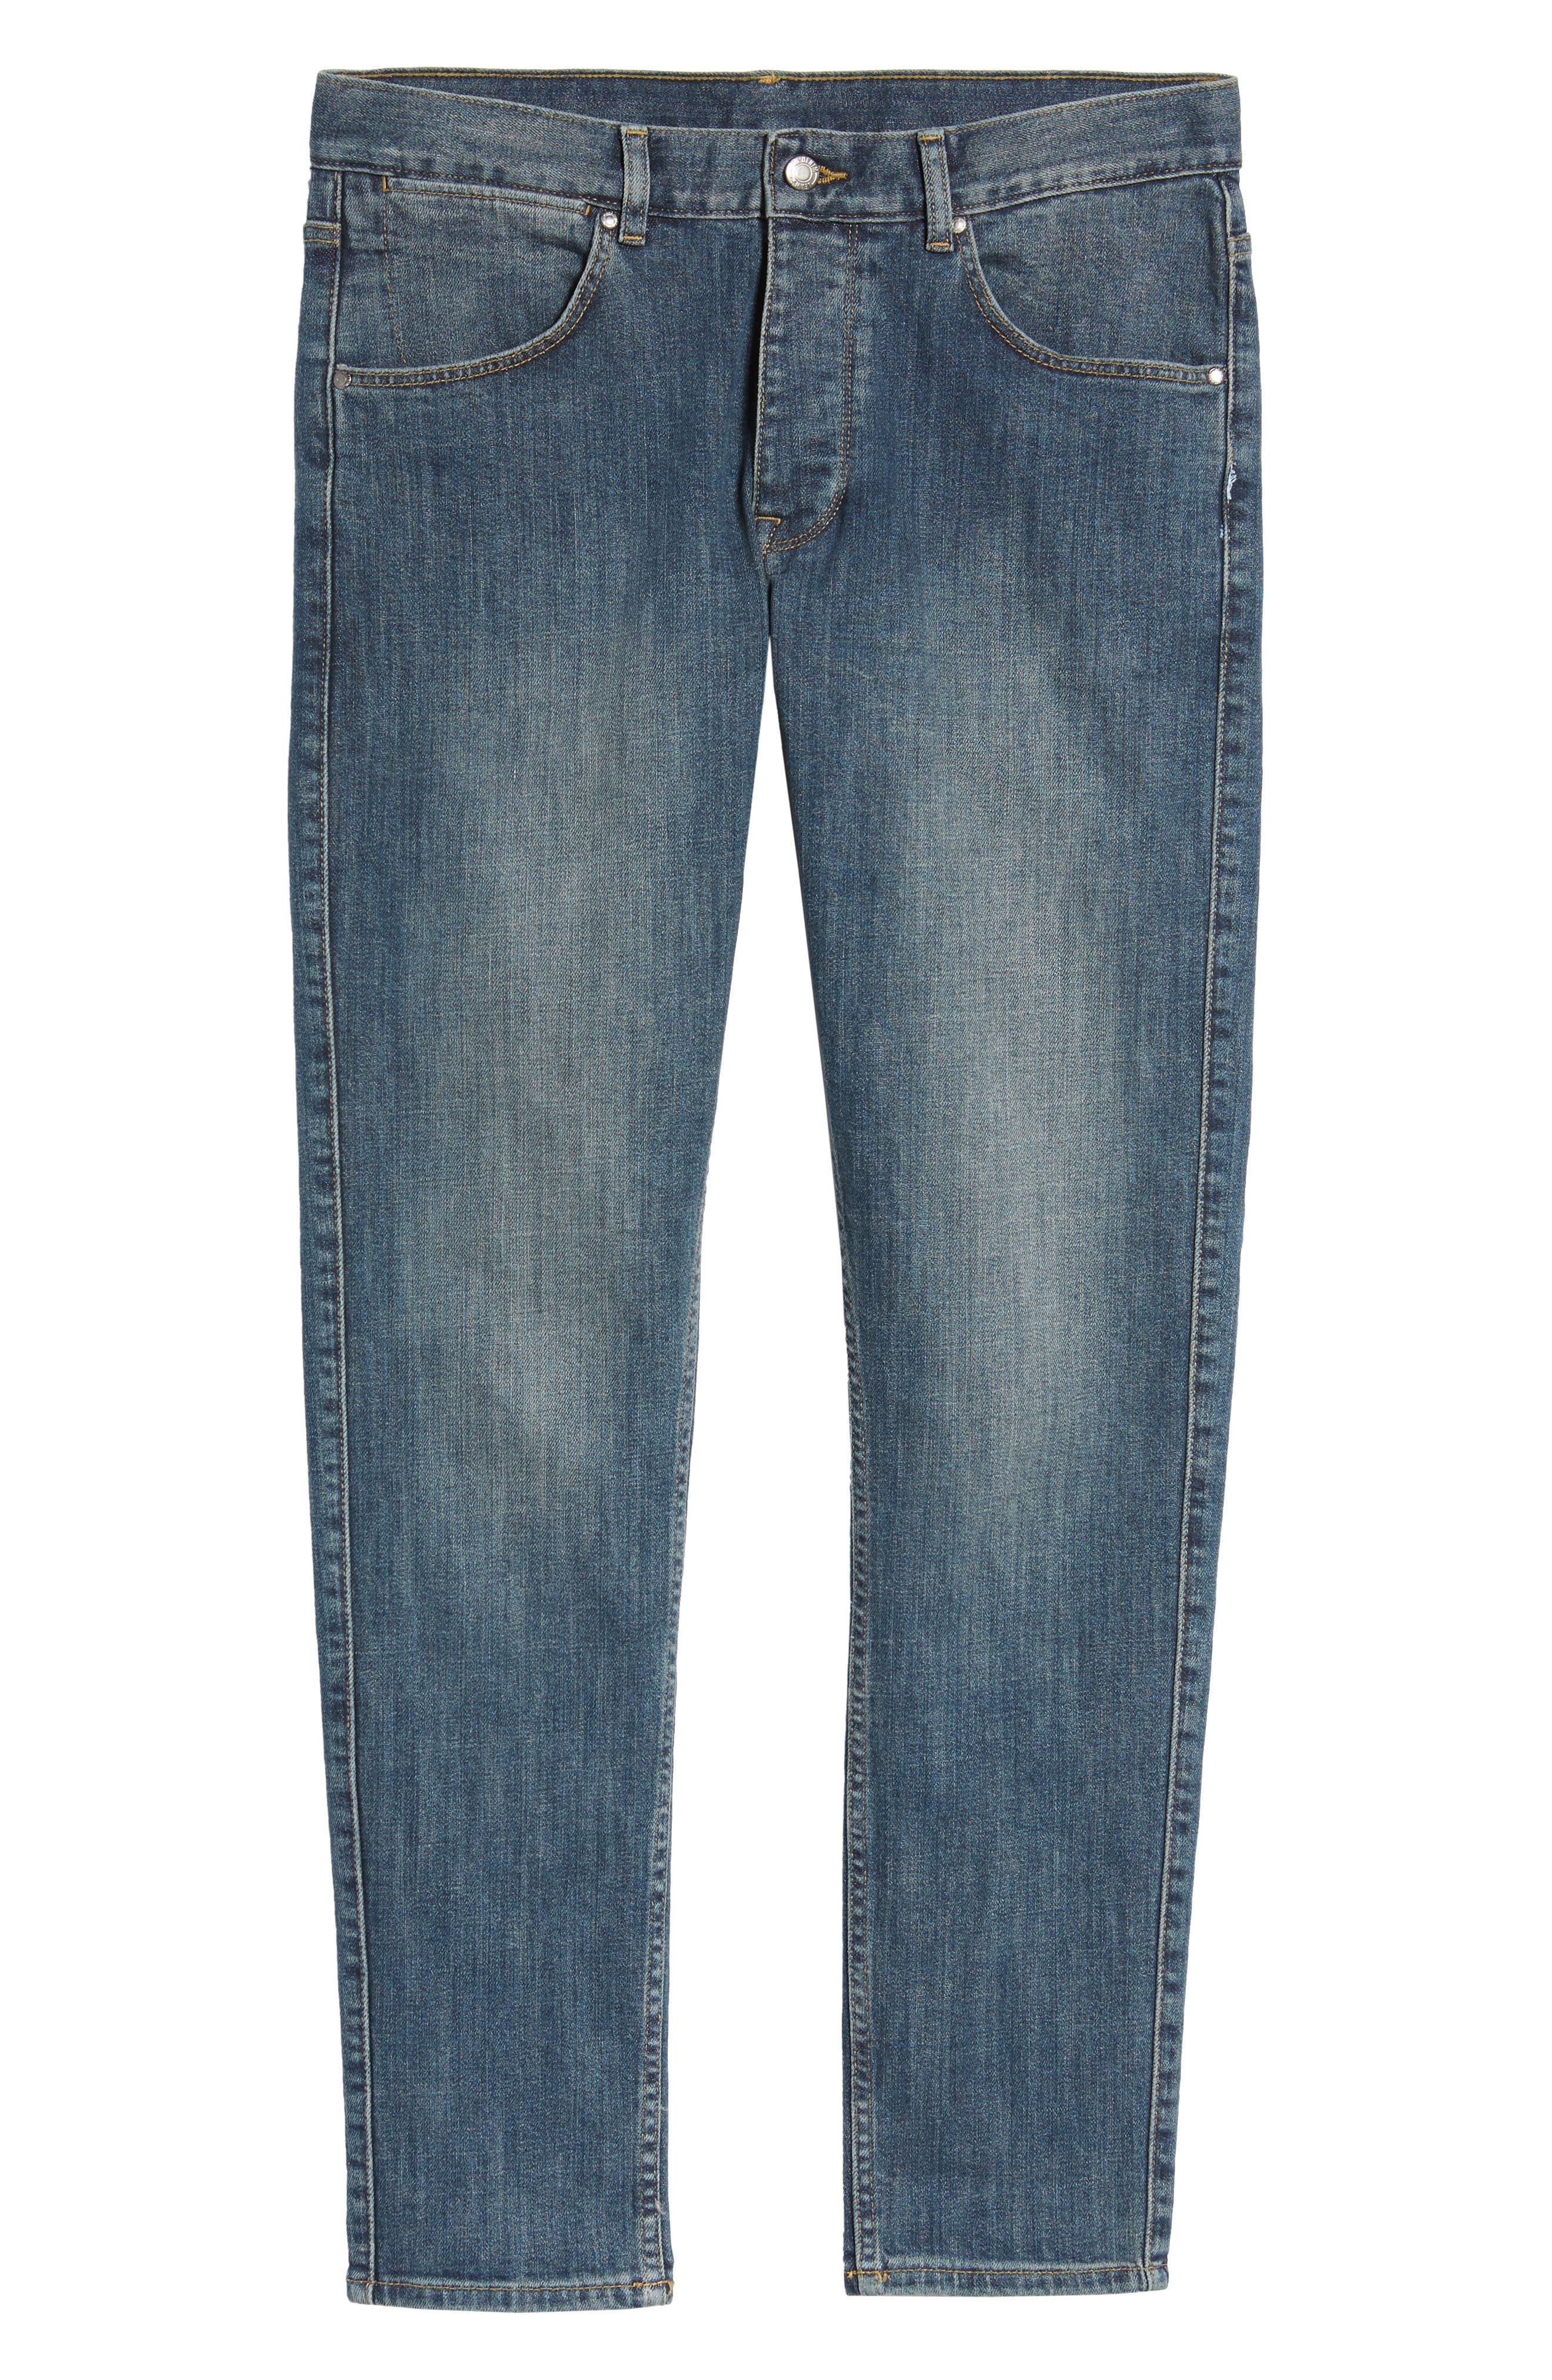 Clark Slim Straight Leg Jeans,                             Alternate thumbnail 6, color,                             400